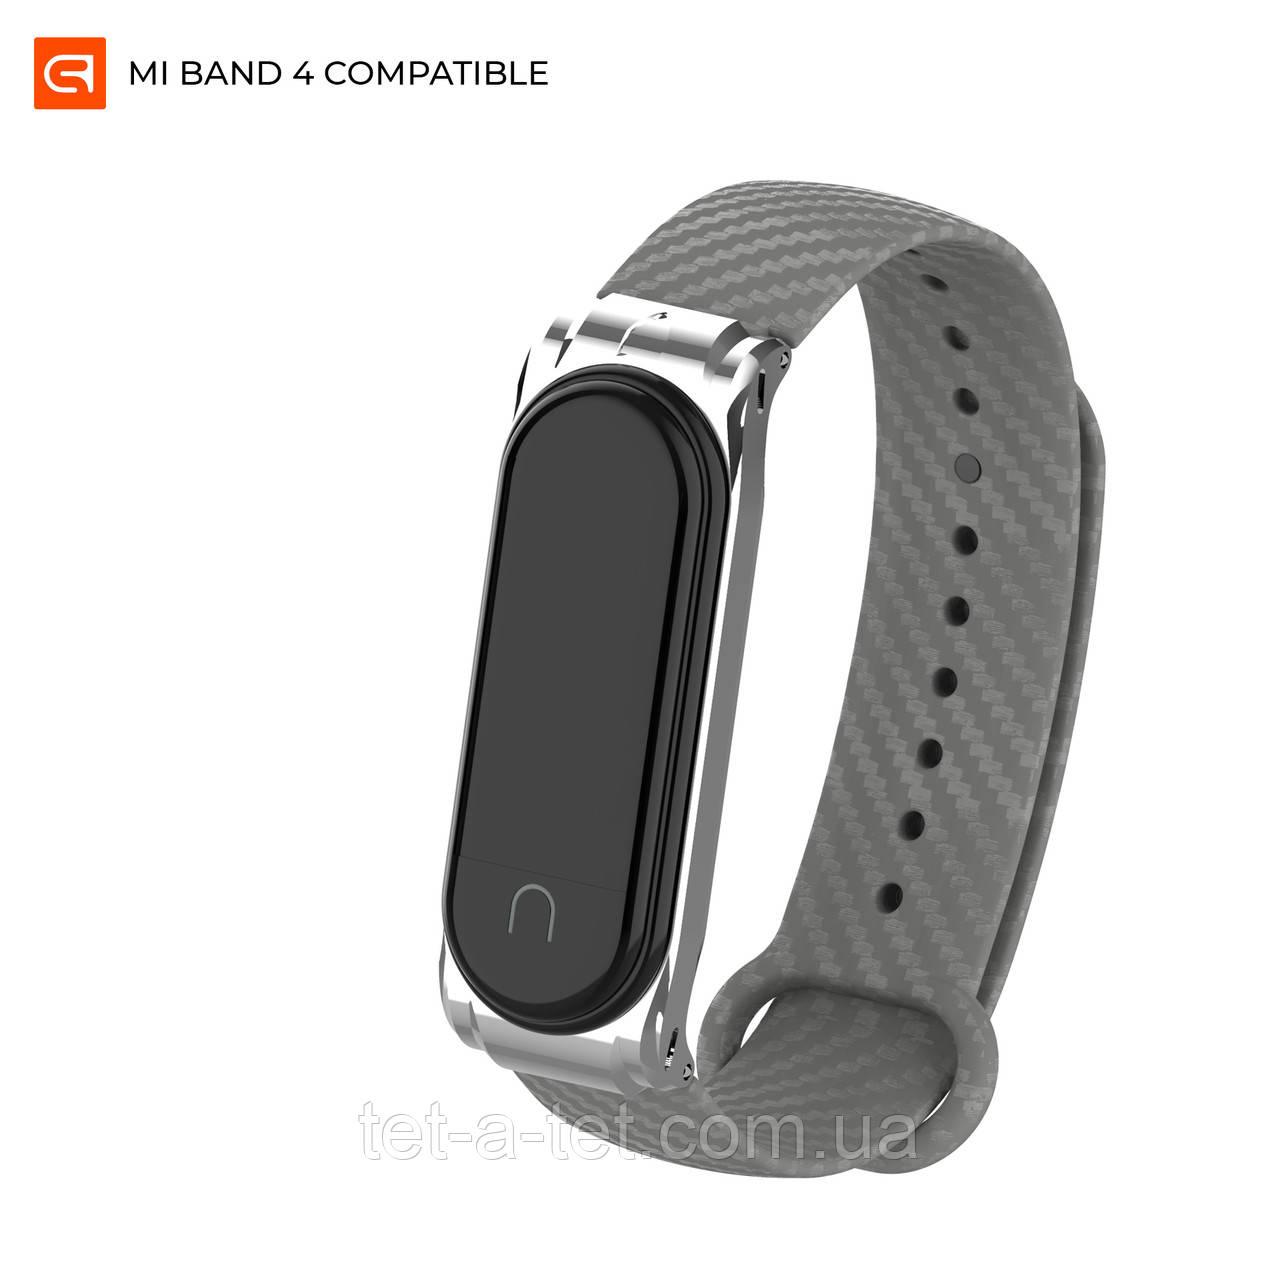 Силиконовый (карбоновый) ремешок Carbon Silicone Series для Xiaomi Mi Band 4/3 Grey (серый)